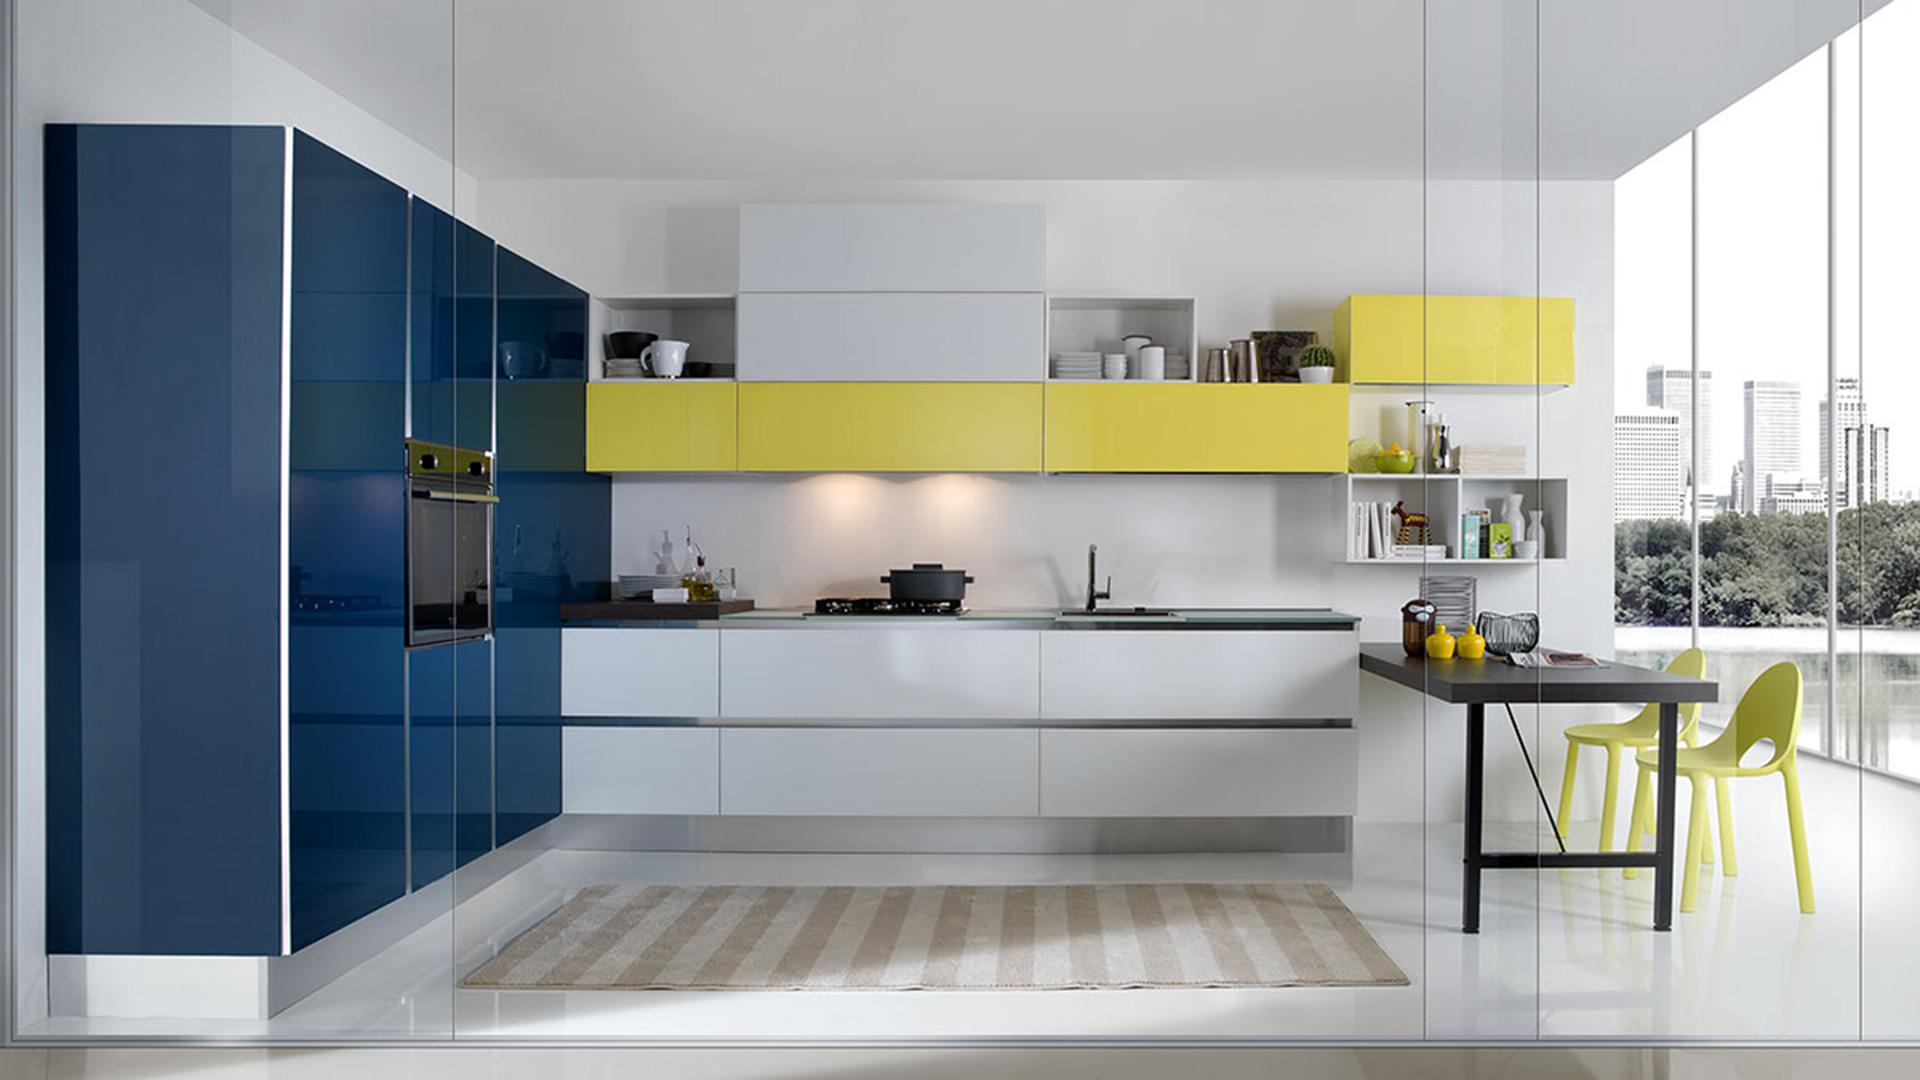 arredamenti e idee per la casa. - arredamenti e forniture in ... - Arredamento Casa Moderno Immagini